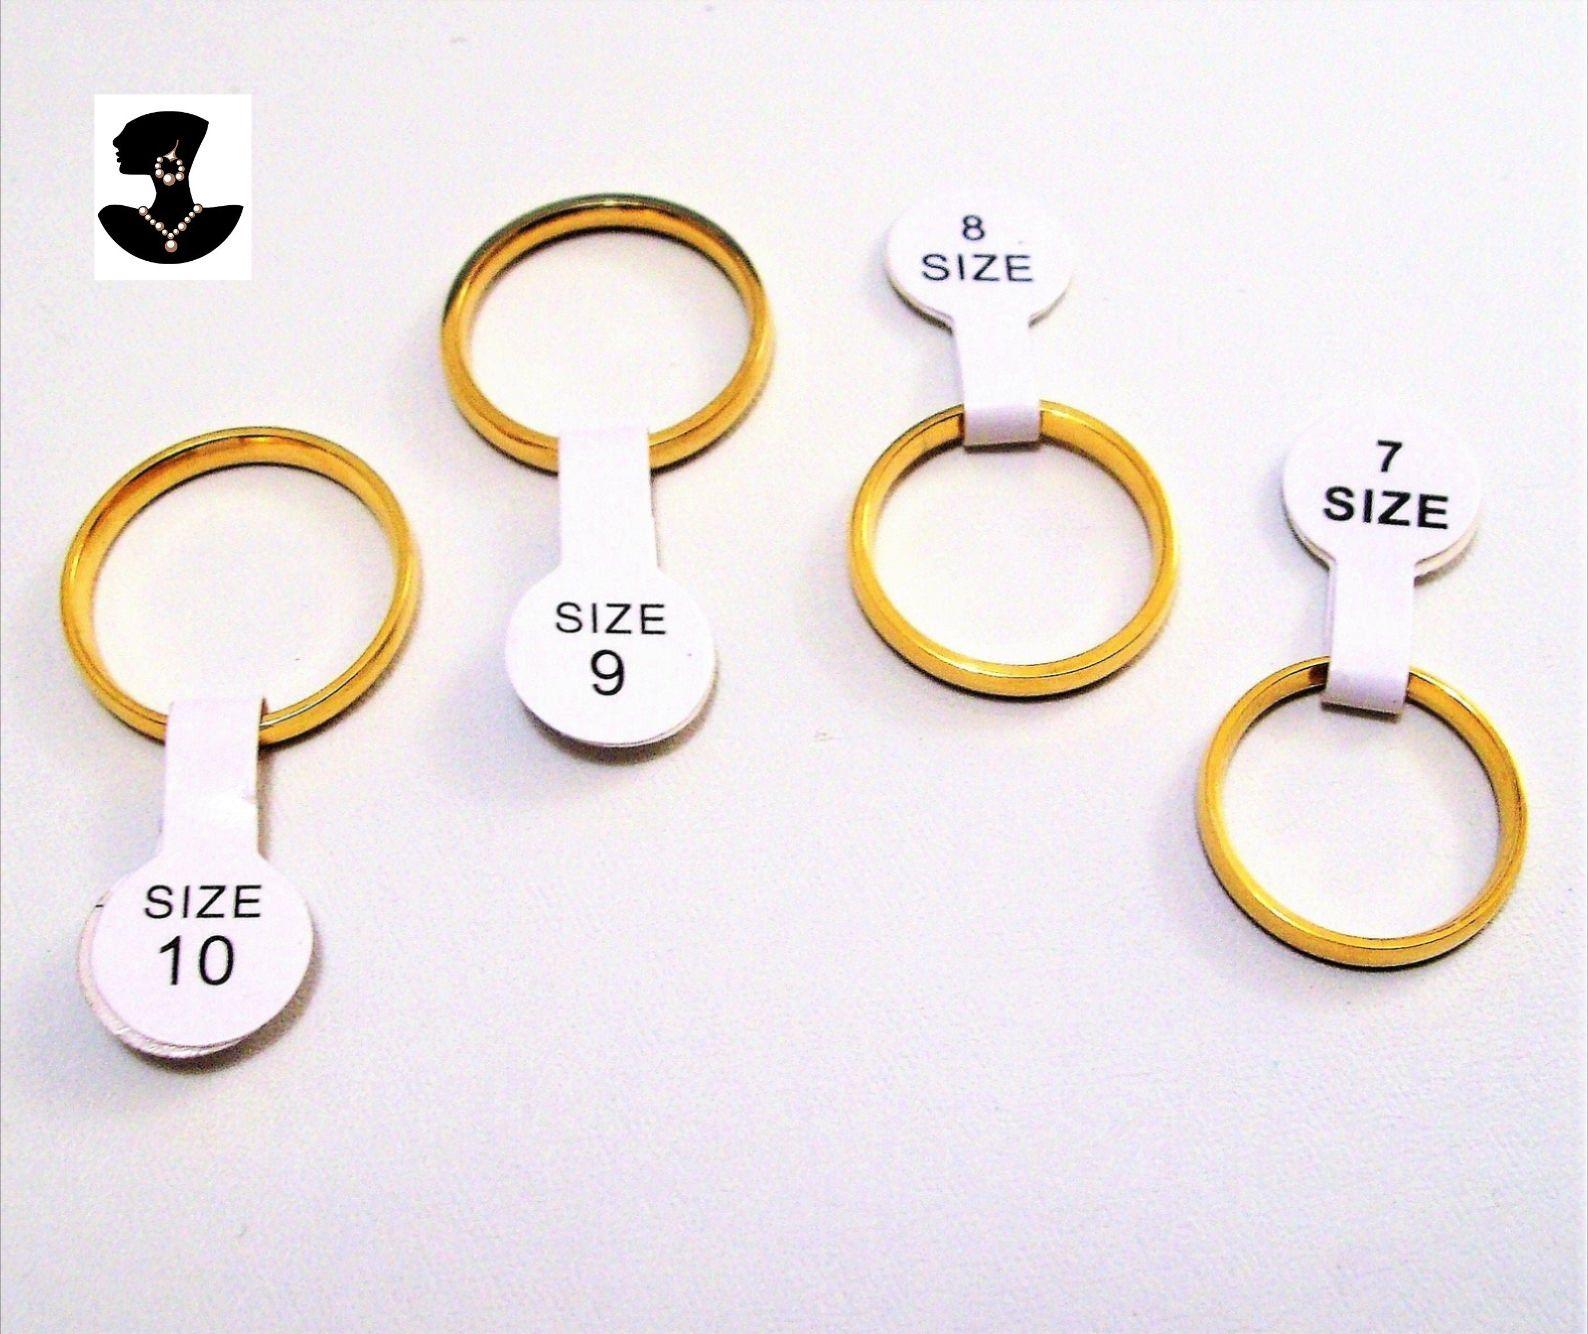 18K Yellow Gold Plated Sizes 7 8 9 10 Unisex Wedding Band